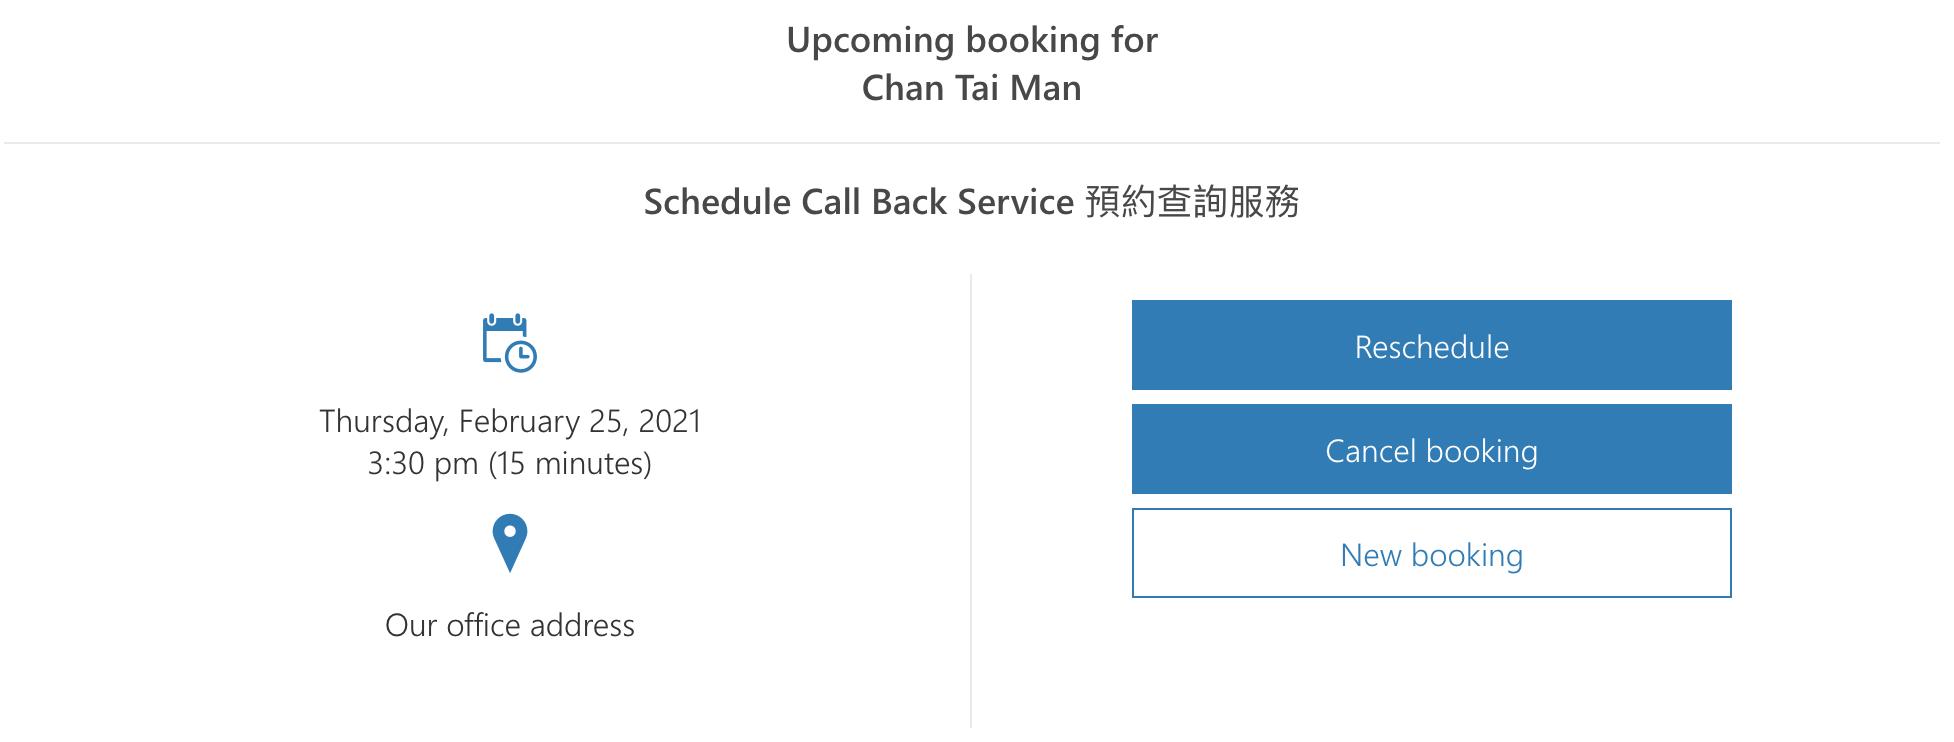 螢幕截圖 2021-02-24 12.54.54.png